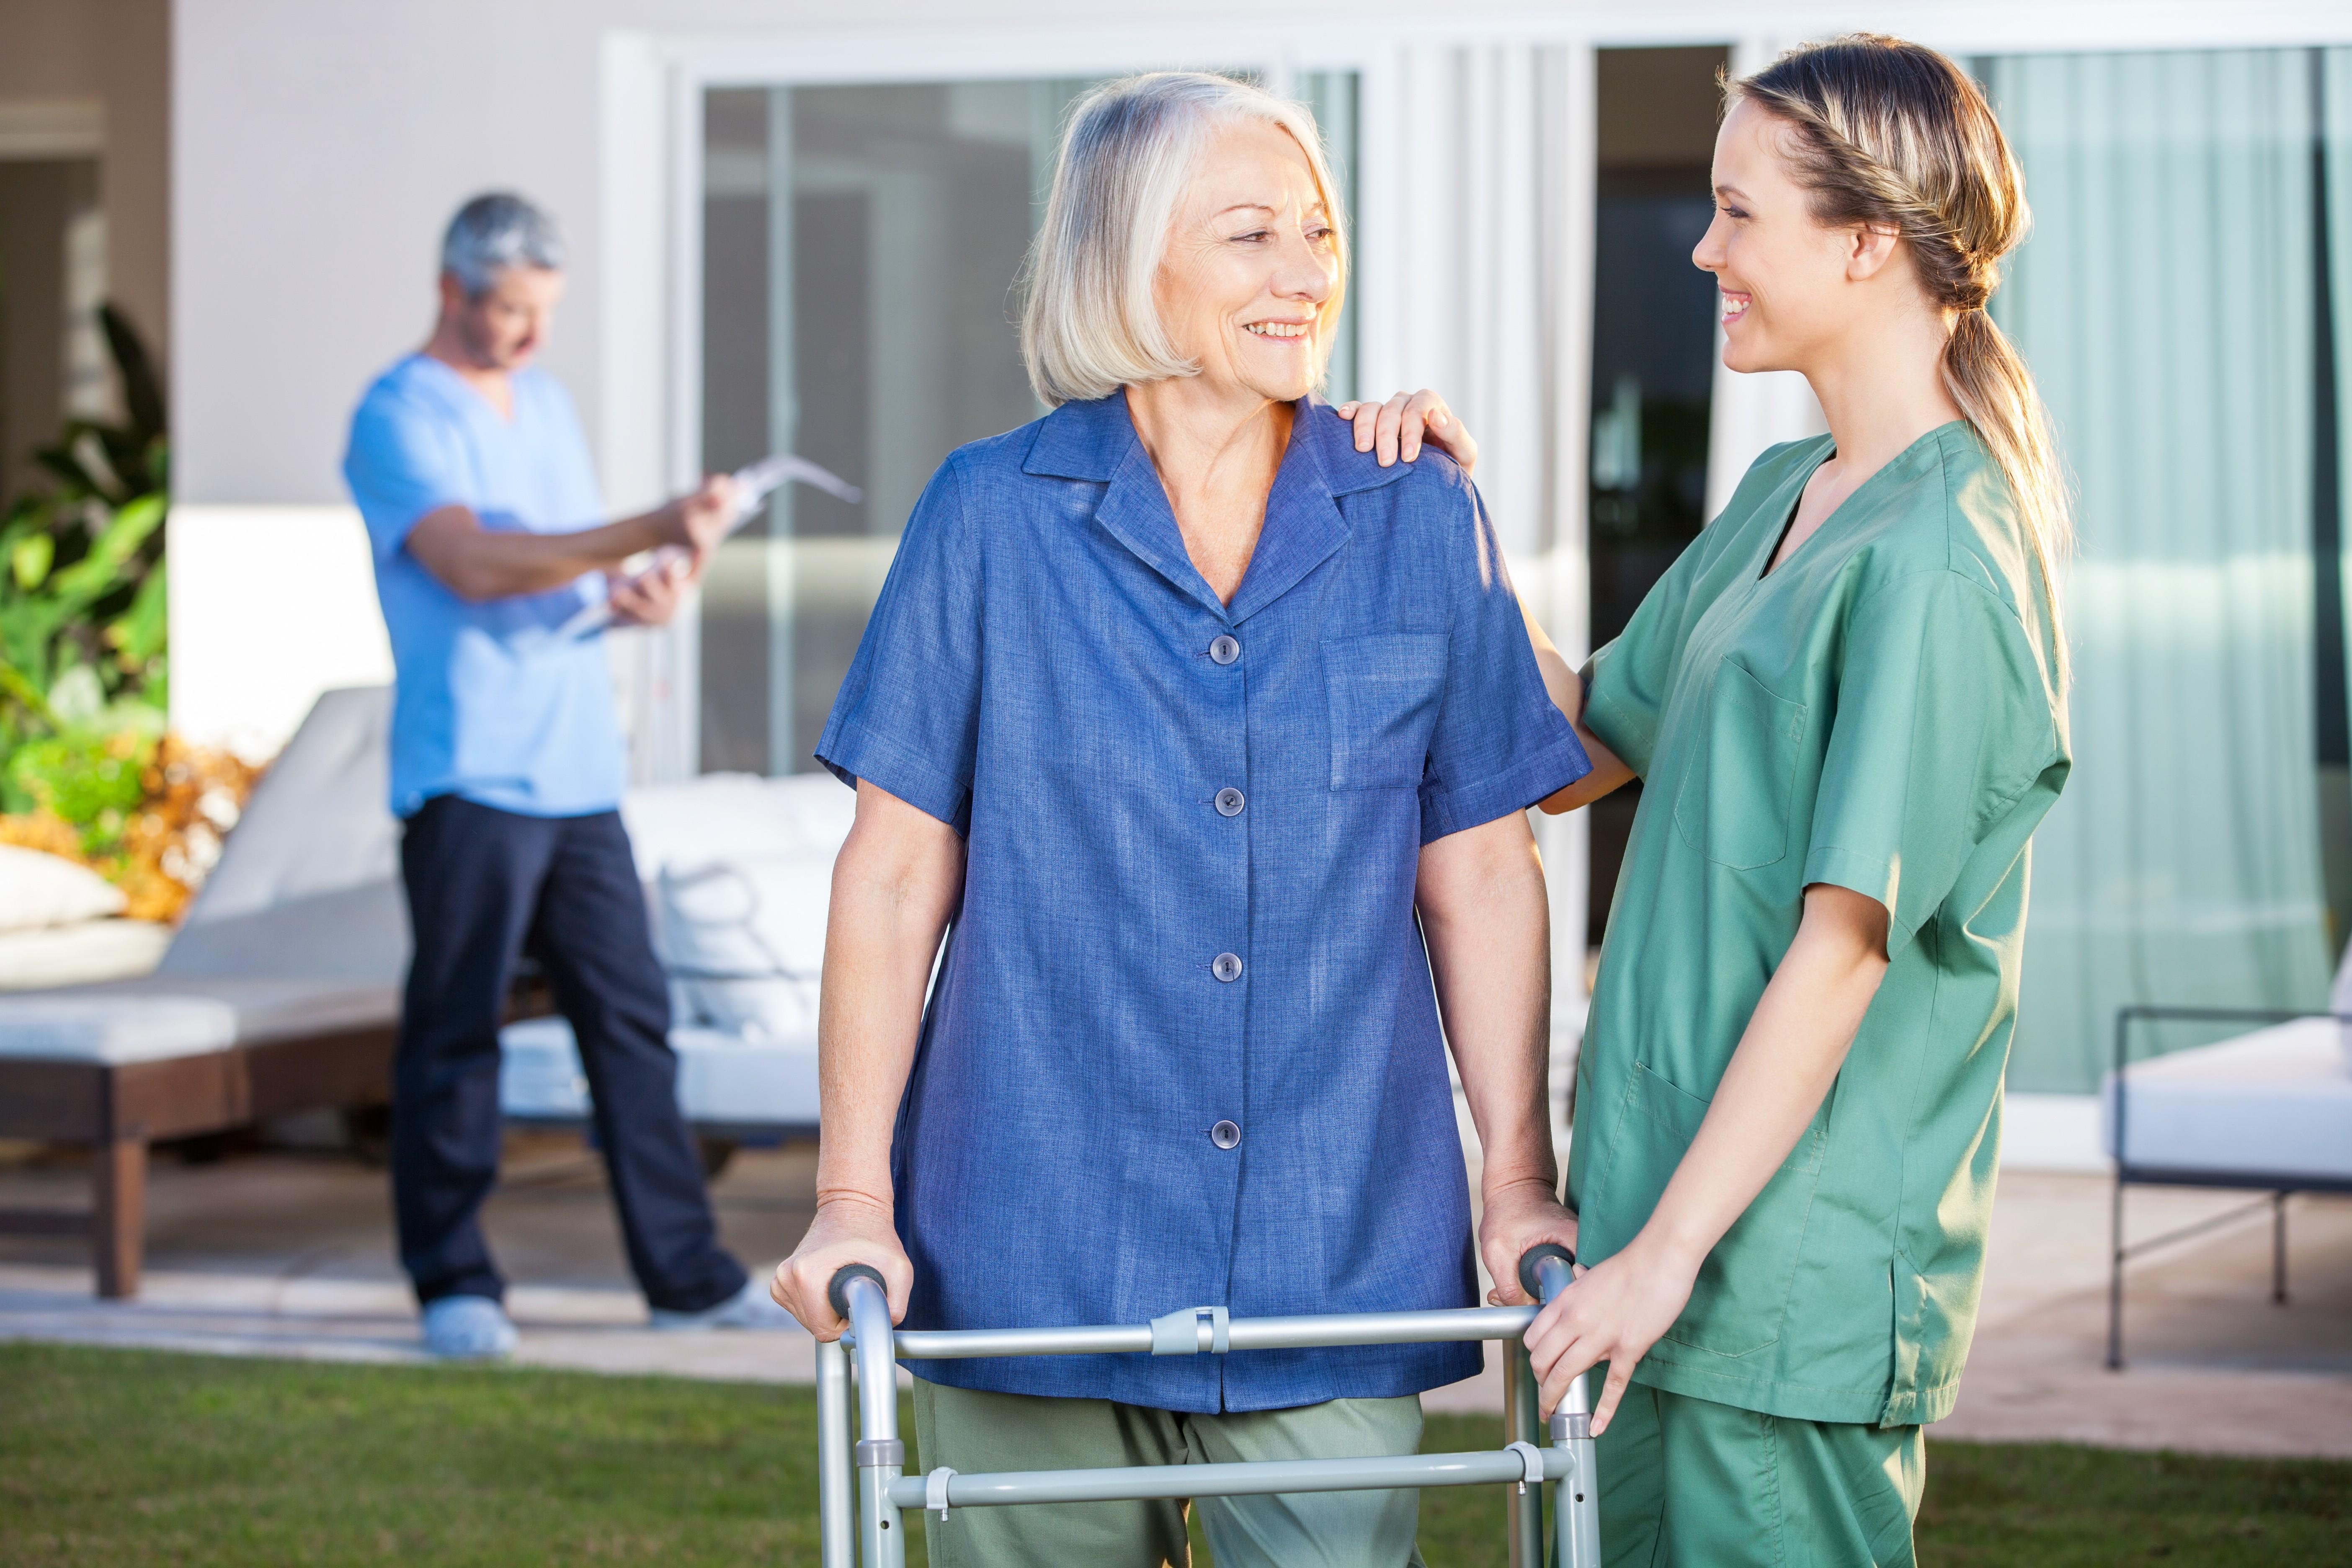 Aides sociales la pch pour qui et pour quoi conseils for Aide sociale pour maison de retraite